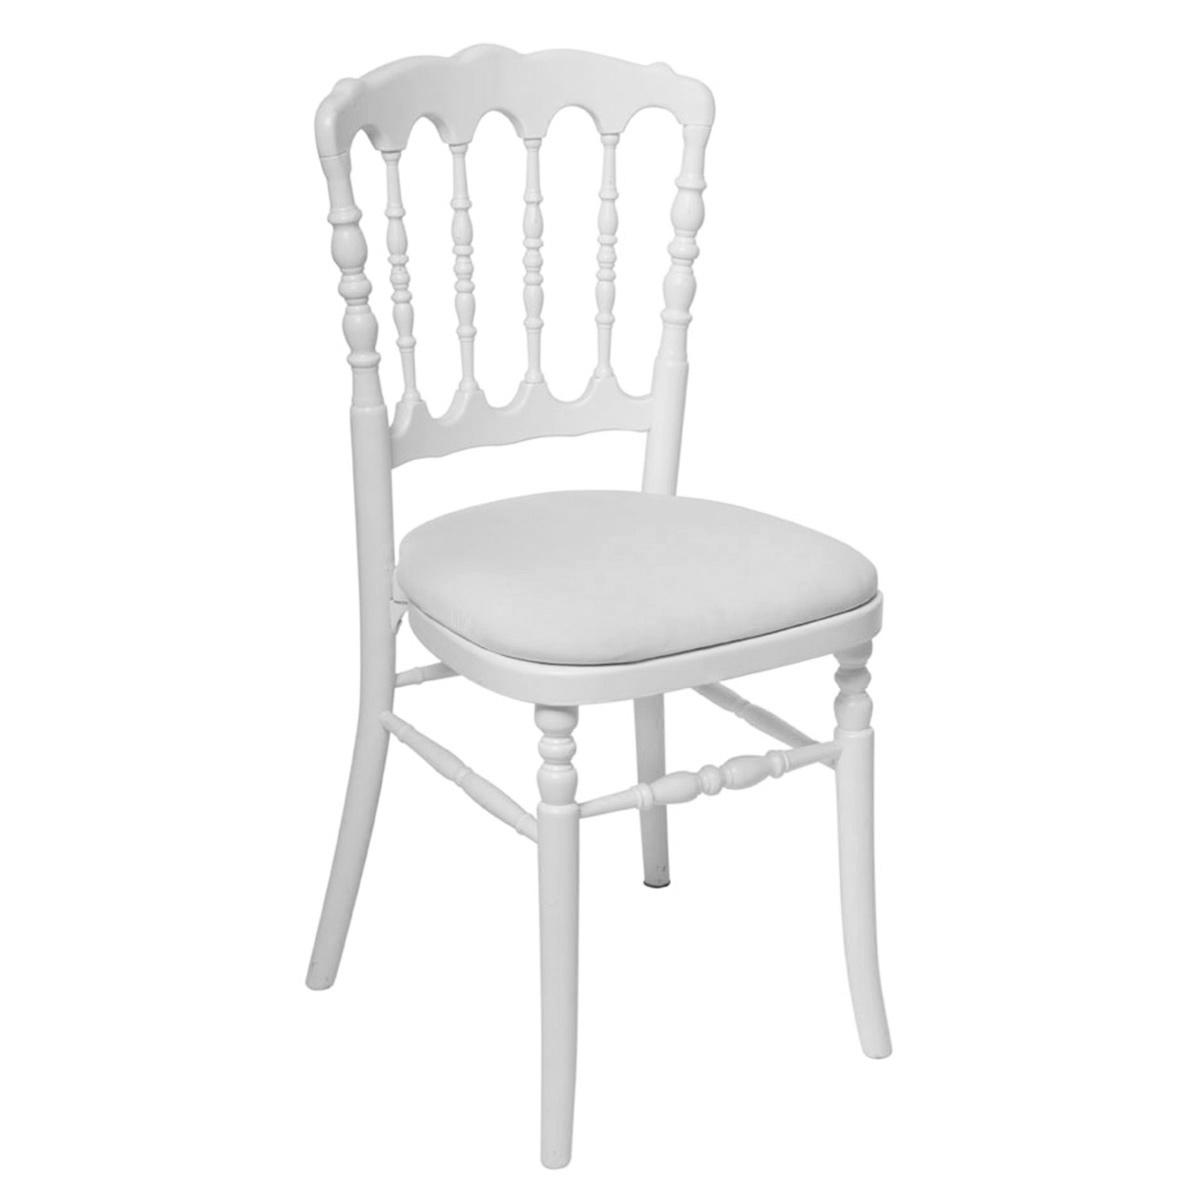 chaise napol on bois vente de mobilier de r ception. Black Bedroom Furniture Sets. Home Design Ideas